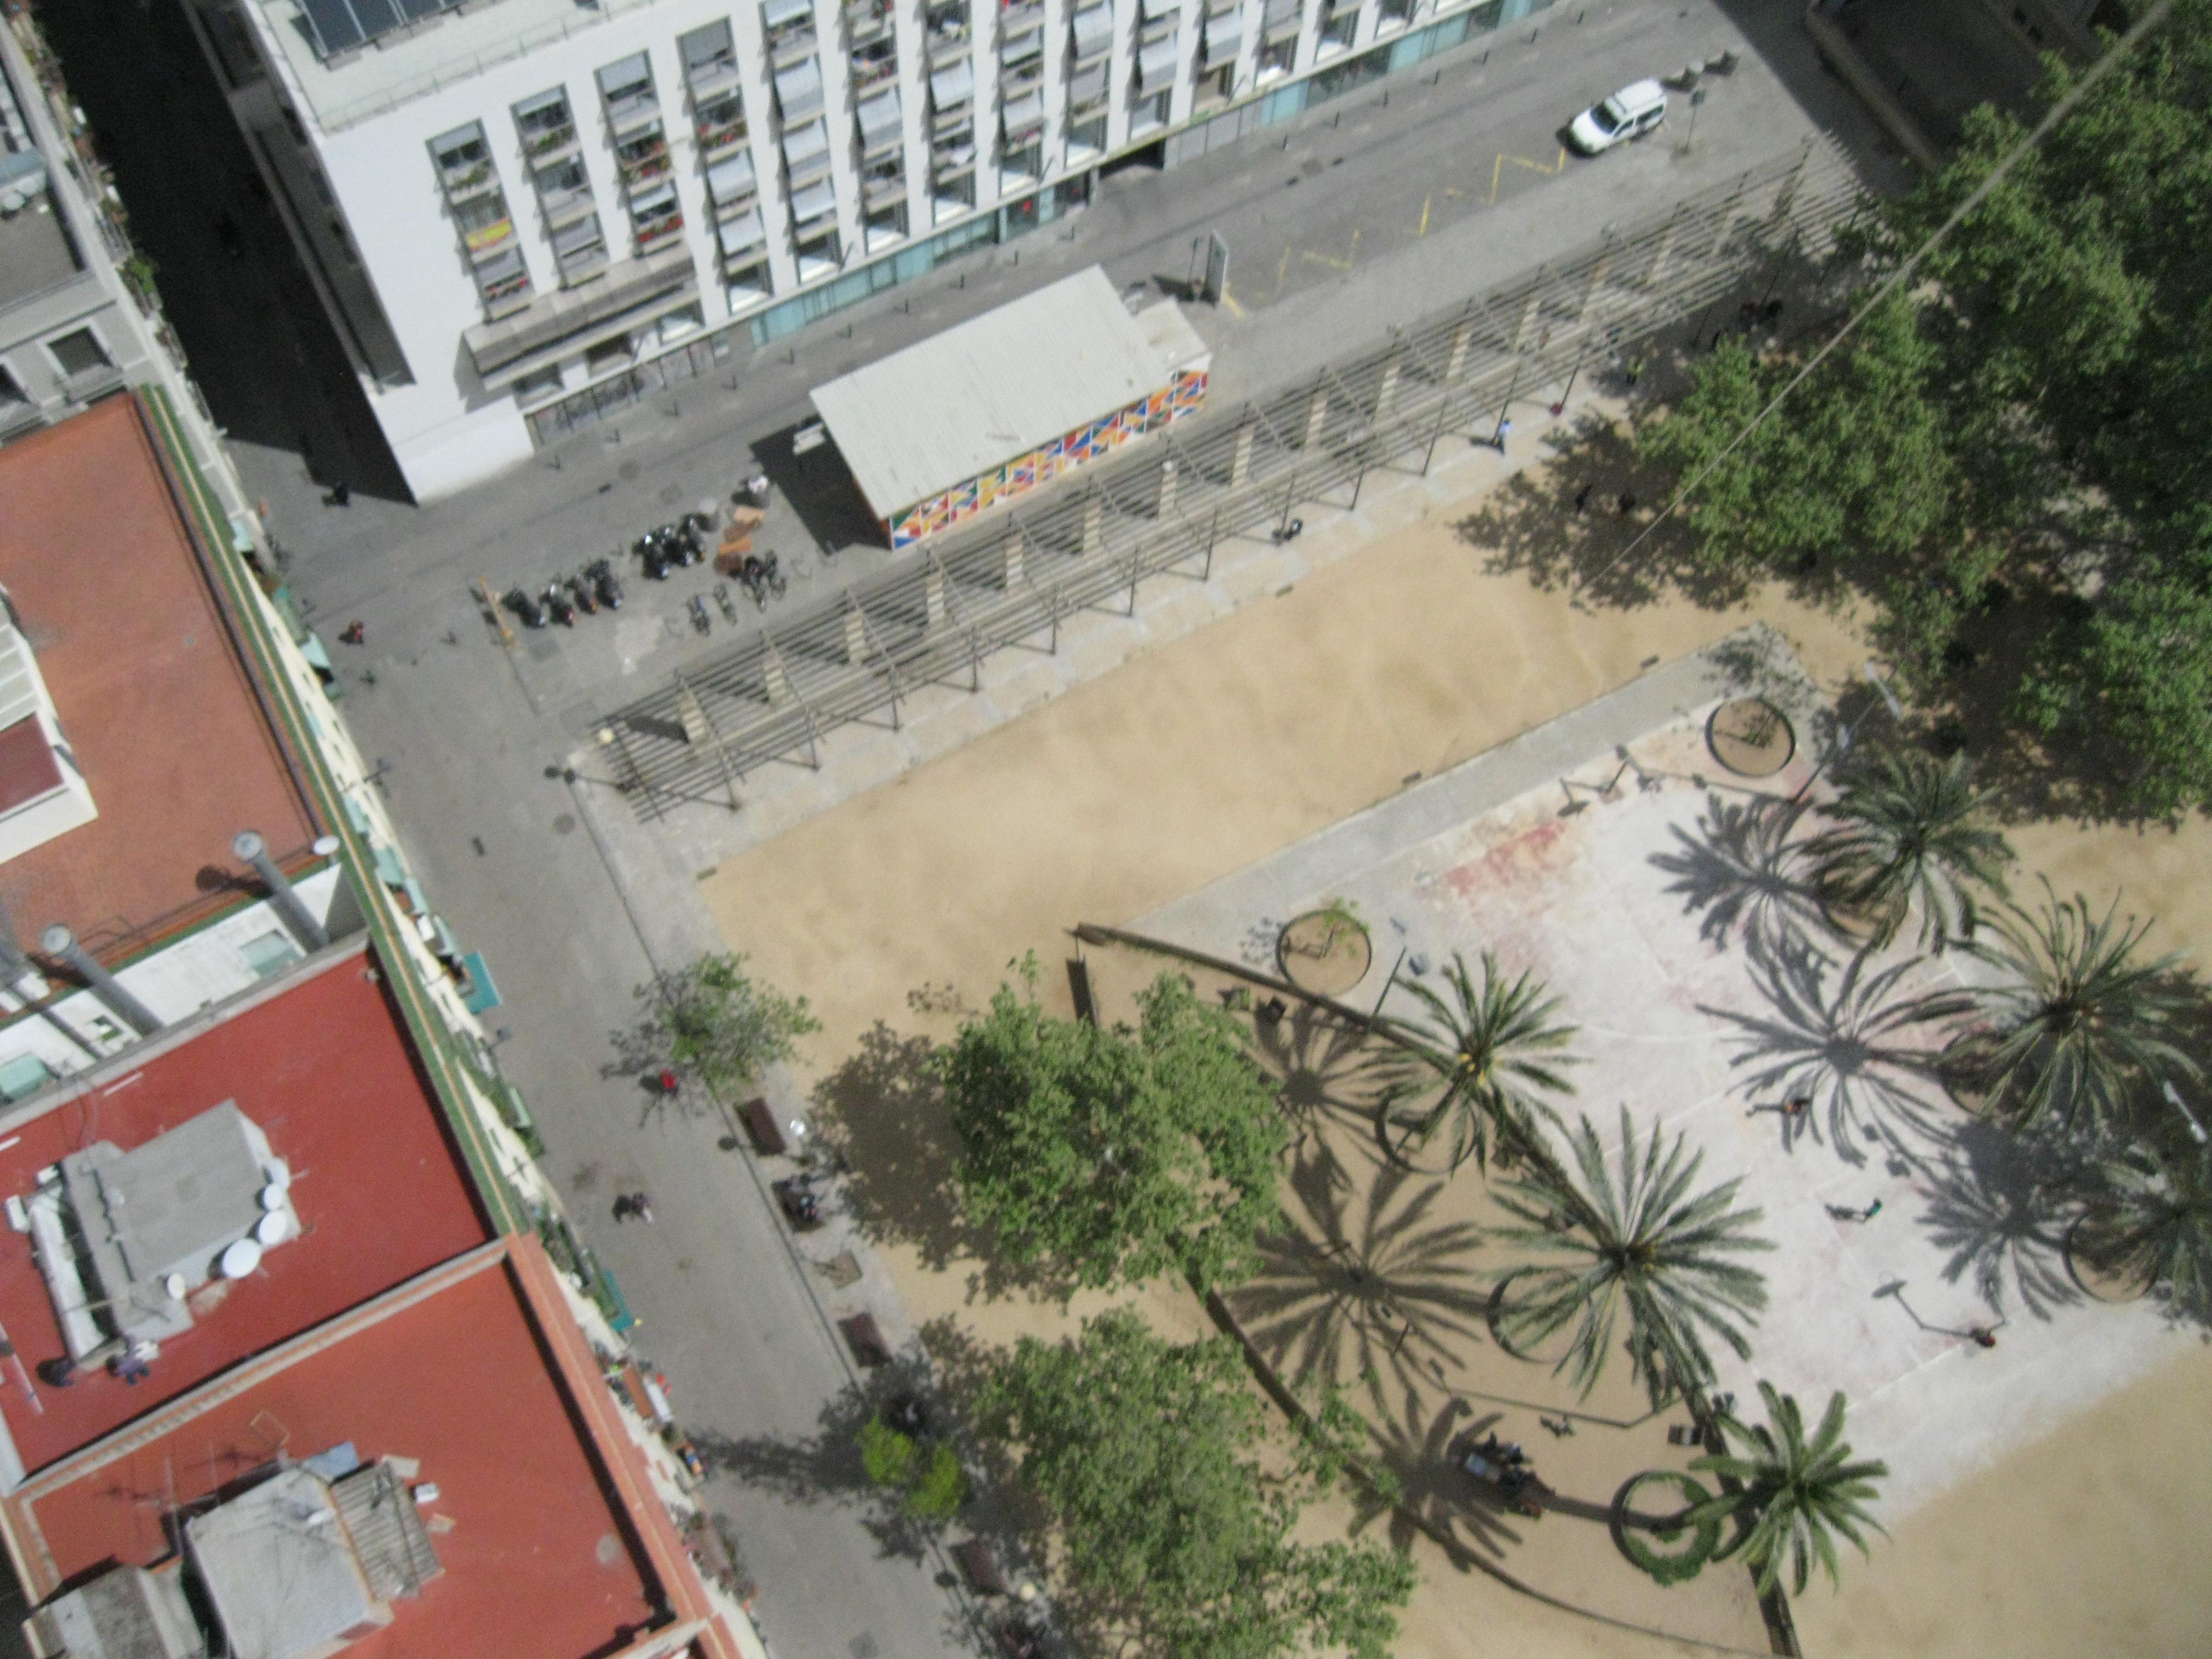 Plaça de Josep M. Folch i Torres. Barcelona